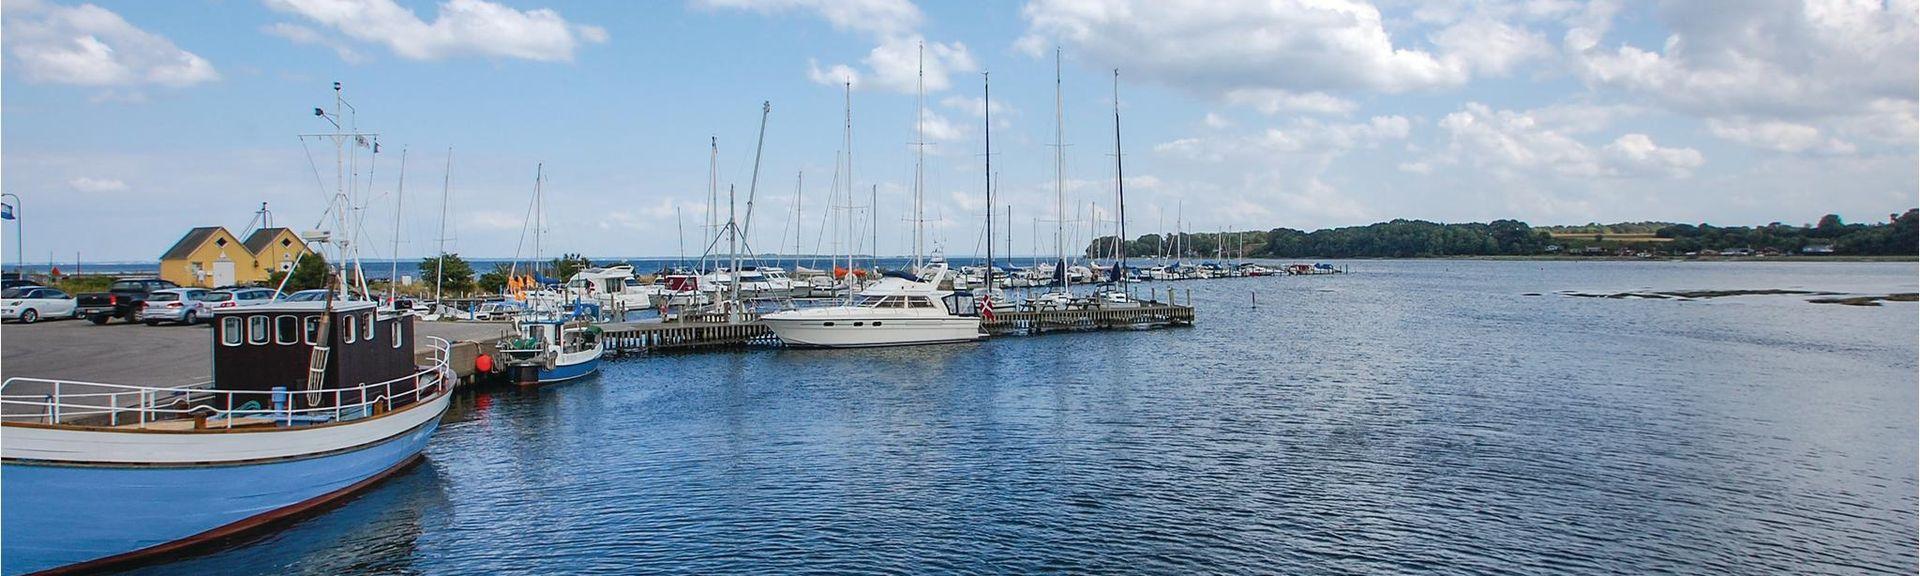 Kolding Municipality, Denmark